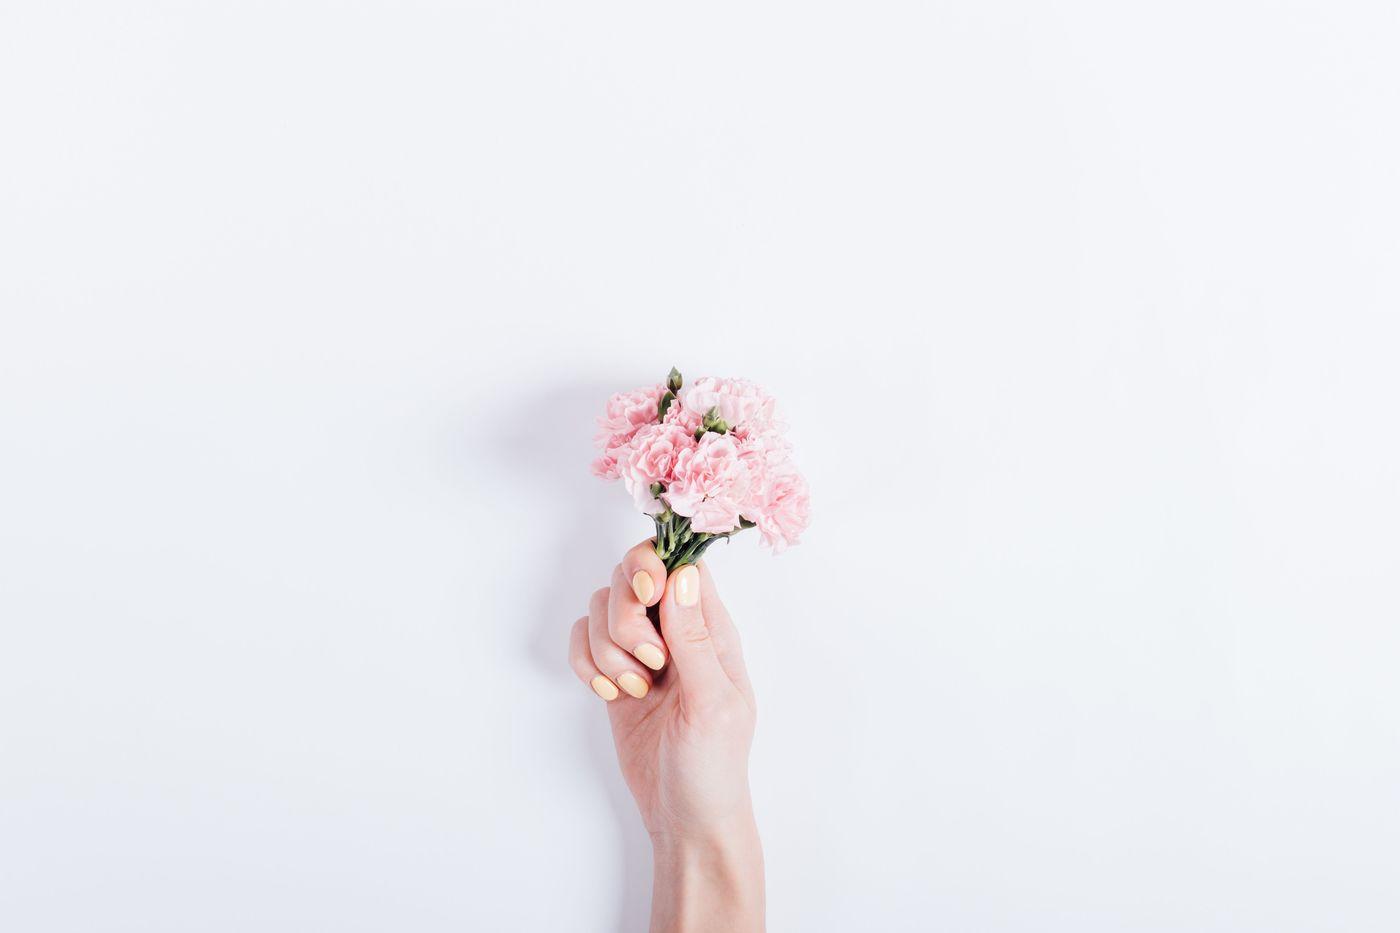 【最大1万円分】ギフト券が当たる!「#ピンク」キャンペーンの1枚目の画像